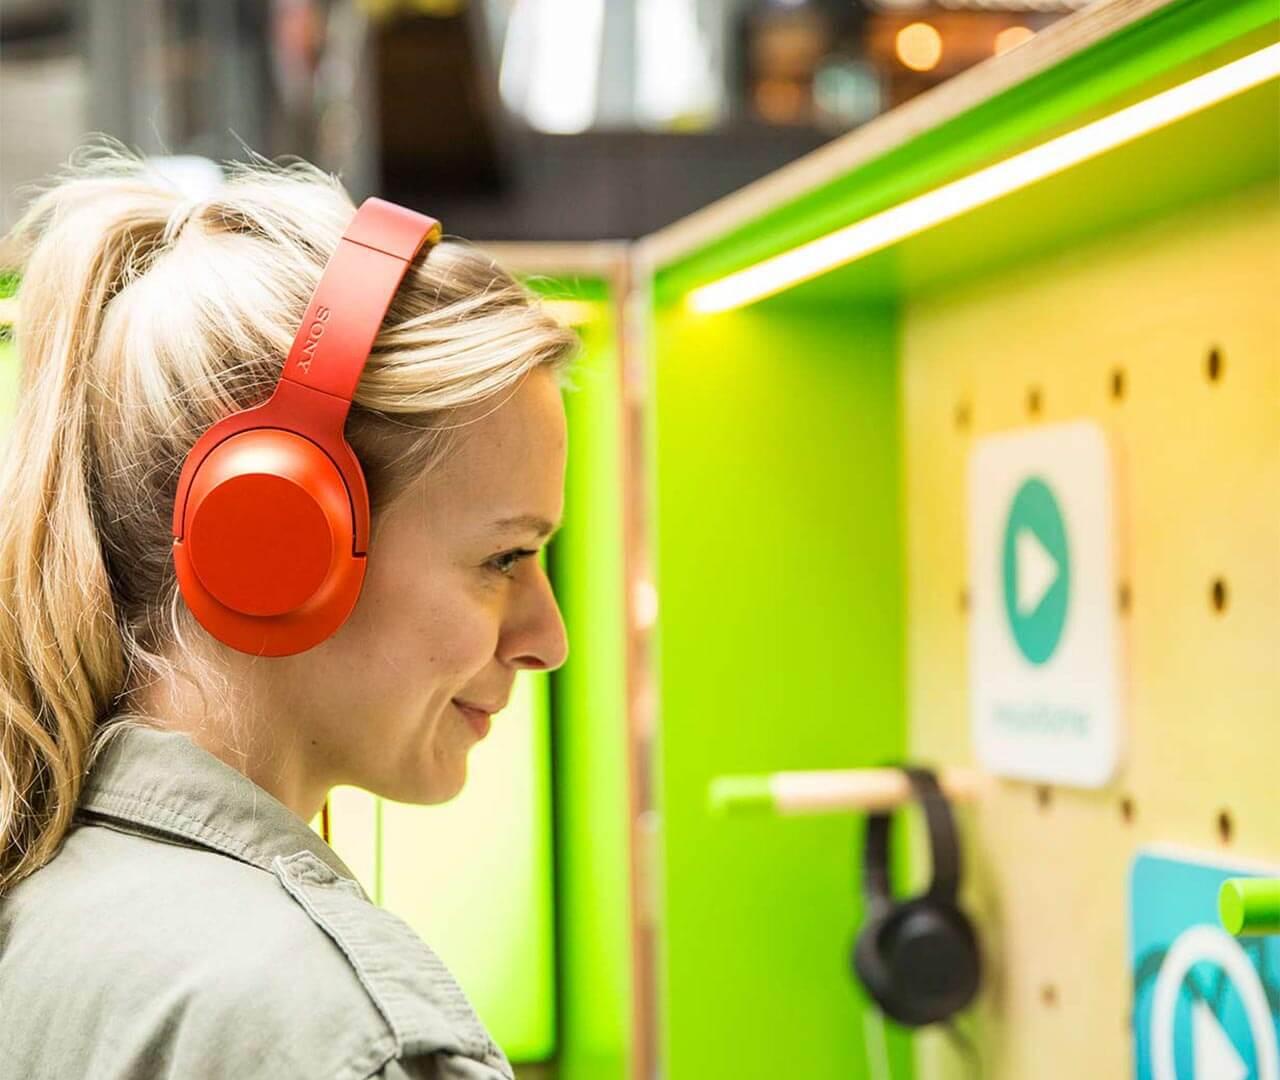 mobilcom-debitel: Frau mit Sony-Kopfhörer